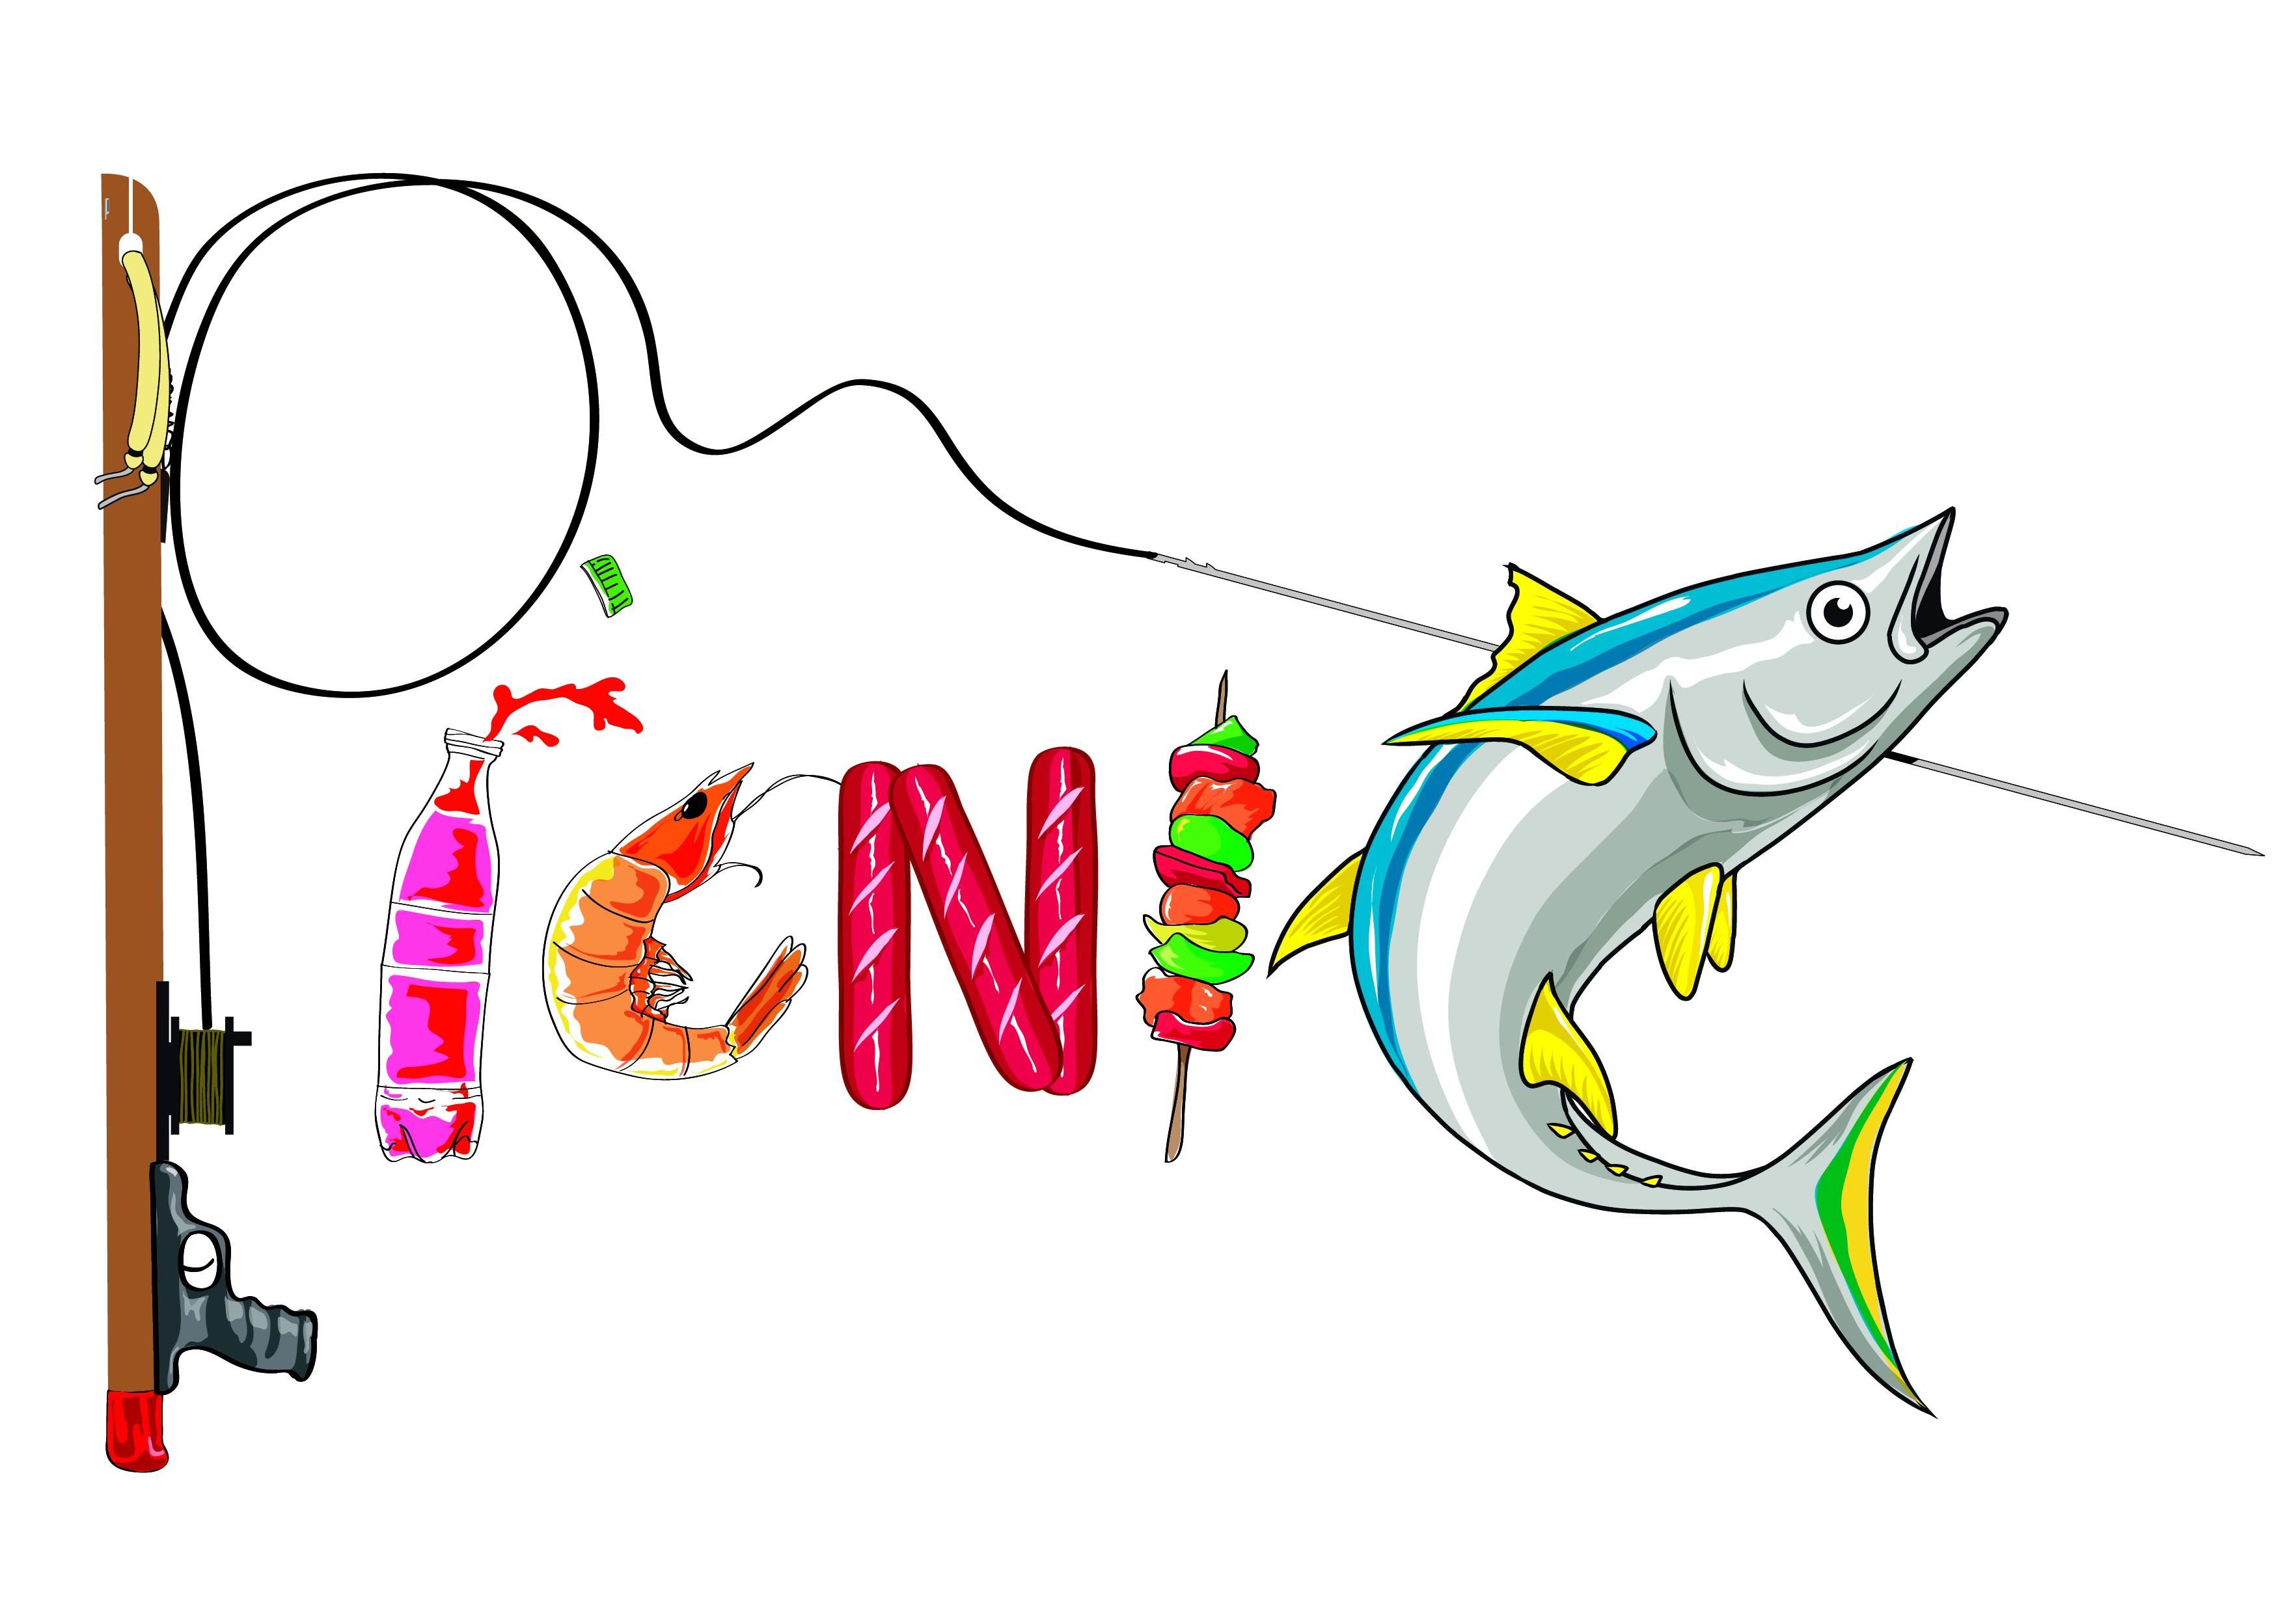 Funny boat name logo - Picnic